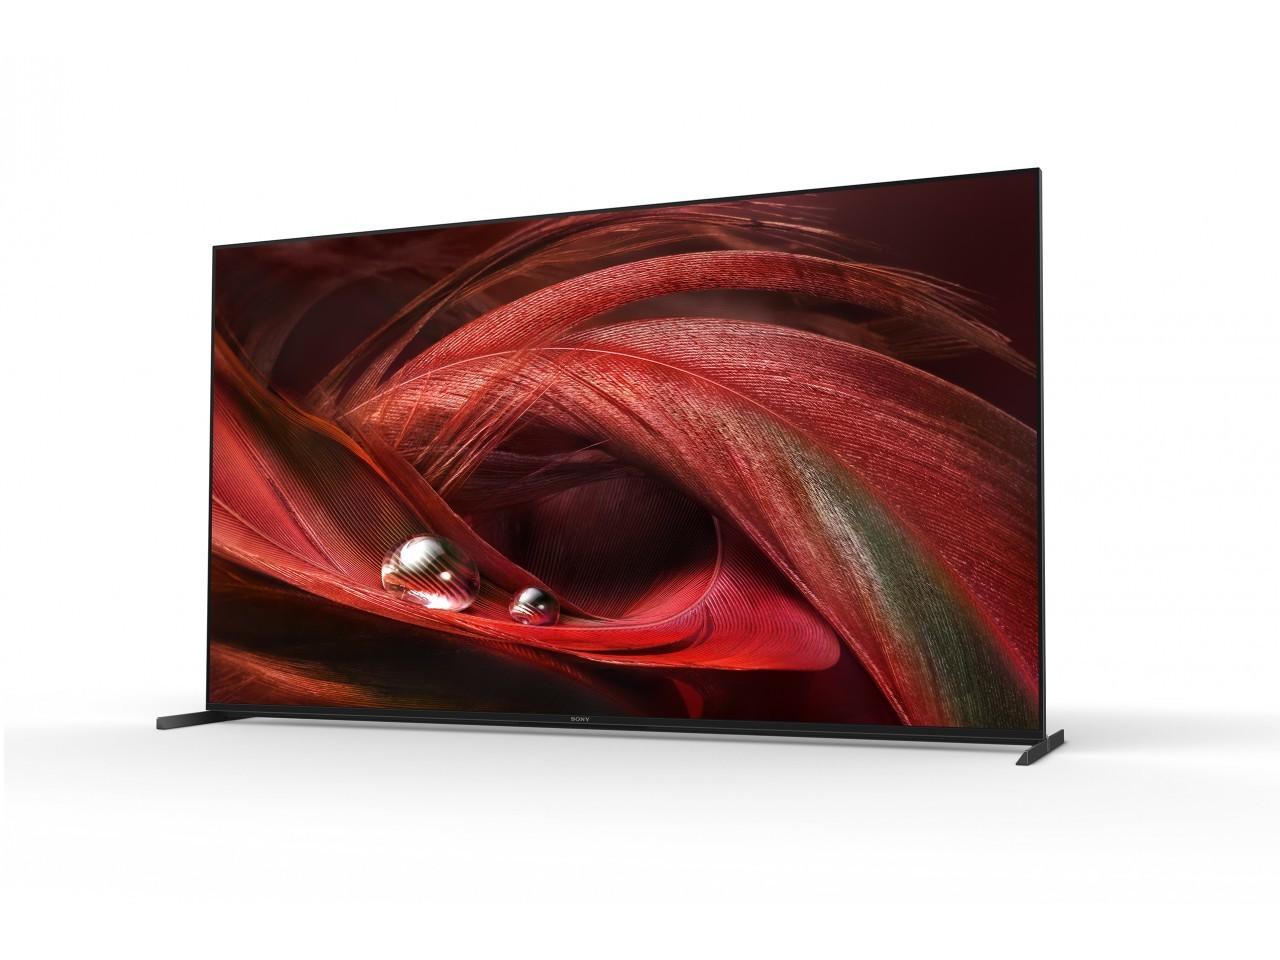 4K телевизор Sony Bravia XR-75X95J купить в официальном магазине